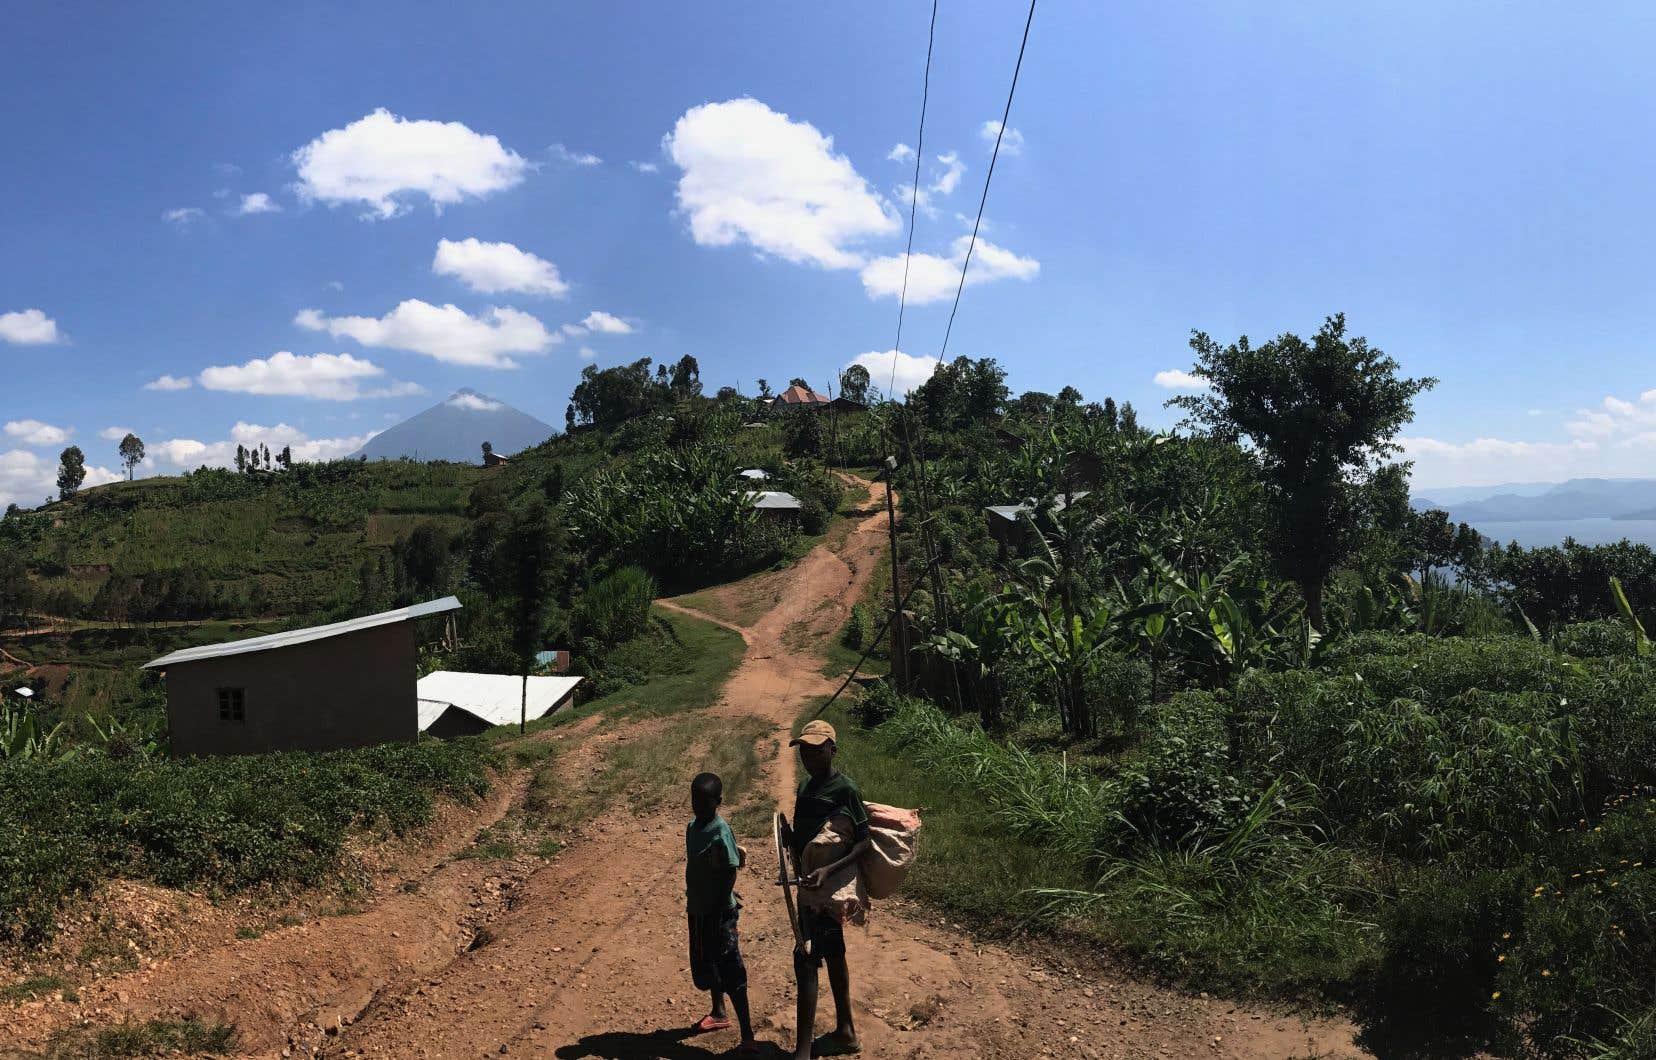 Deux petits garçons nous suivaient, curieux, sur la piste entre les lacs Burera (à droite) et Ruhondo, près de la frontière avec l'Ouganda.